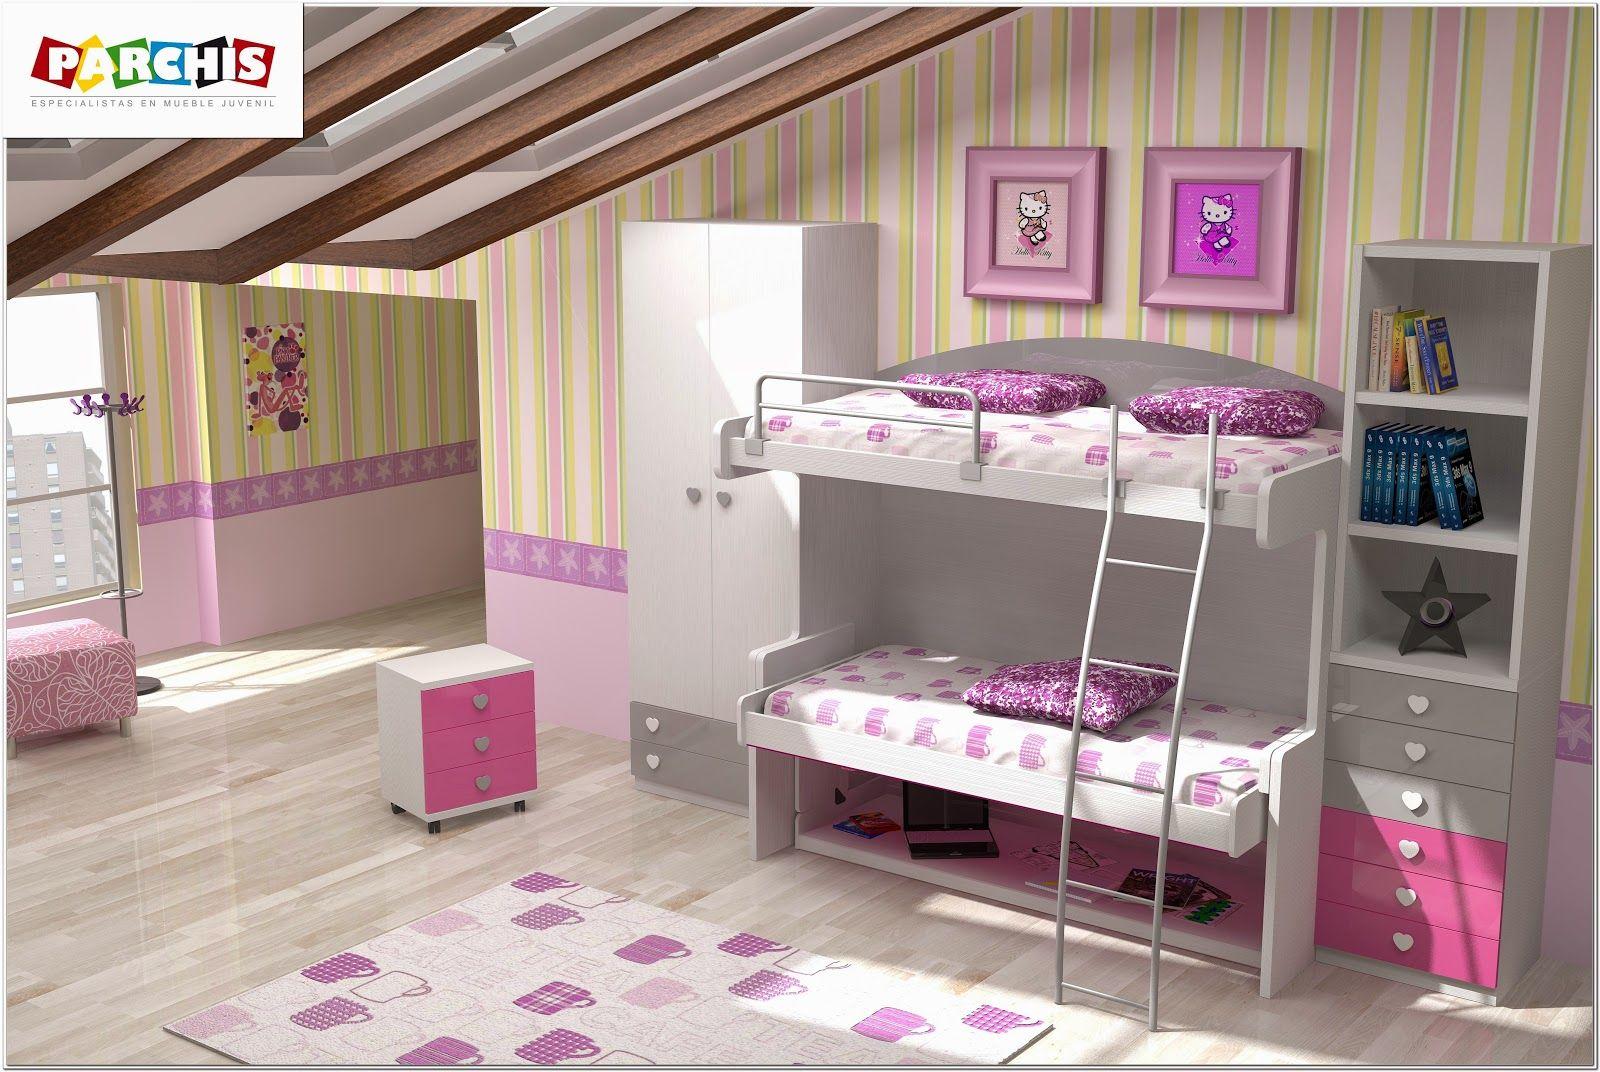 Dormitorios juveniles en madrid habitaciones infantiles for Fabrica de muebles juveniles en madrid